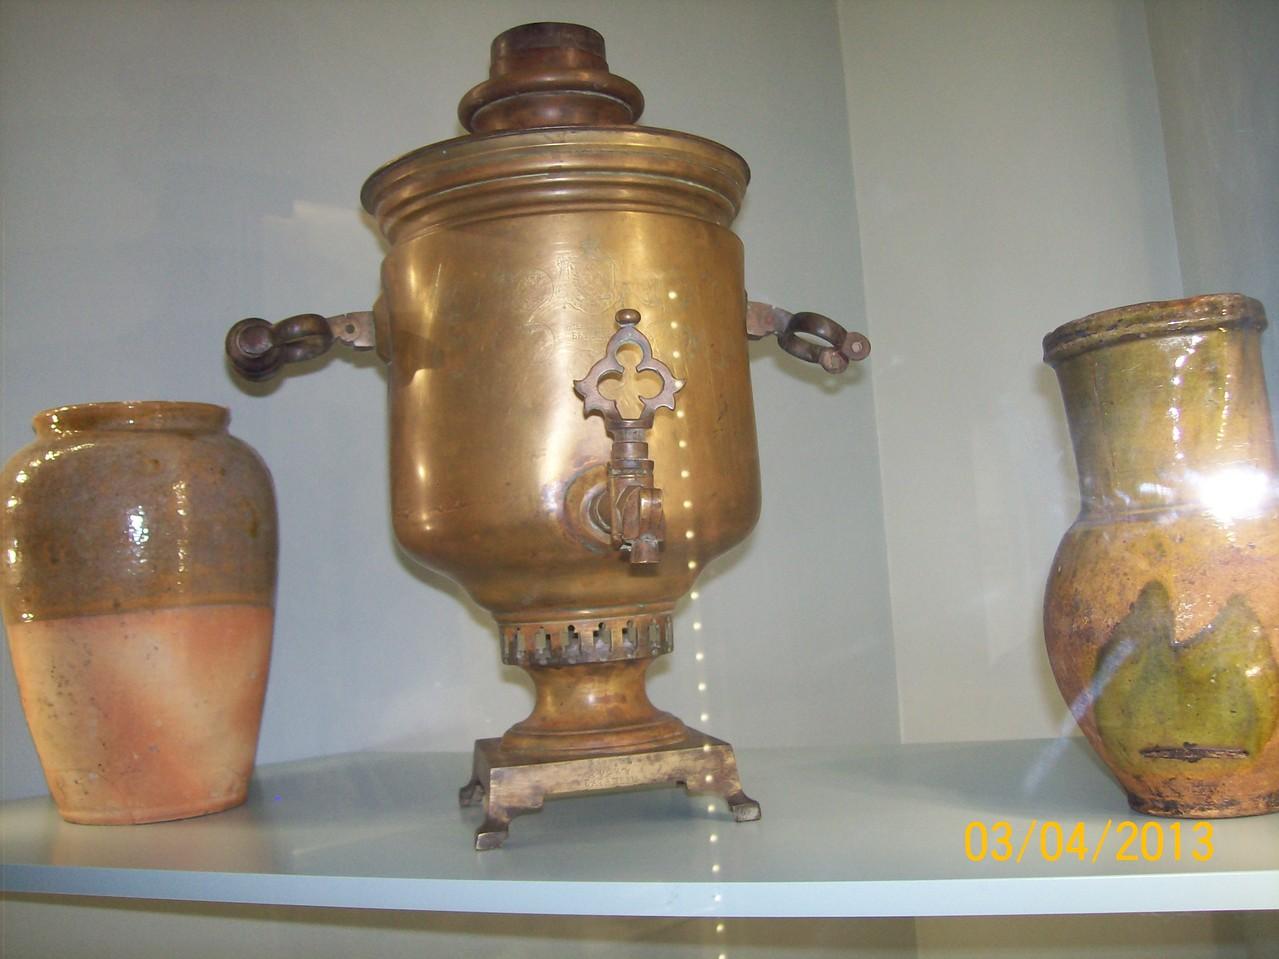 Побутові речі домашнього вжитку, знайдені на території Катеринославщини